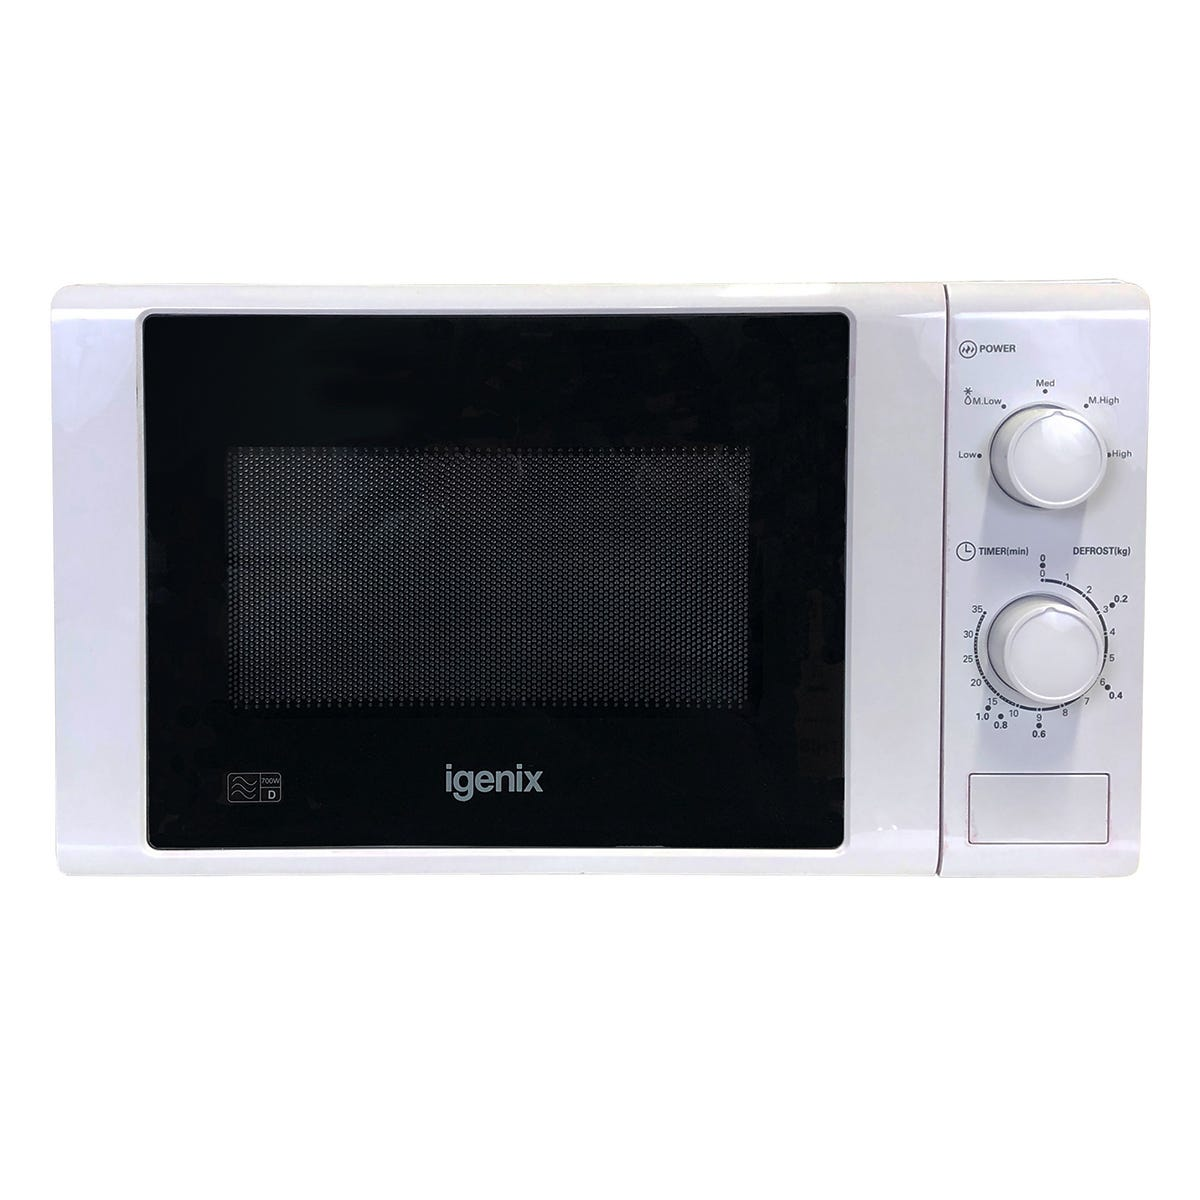 Igenix IG2071 20L 700W Manual Microwave - White